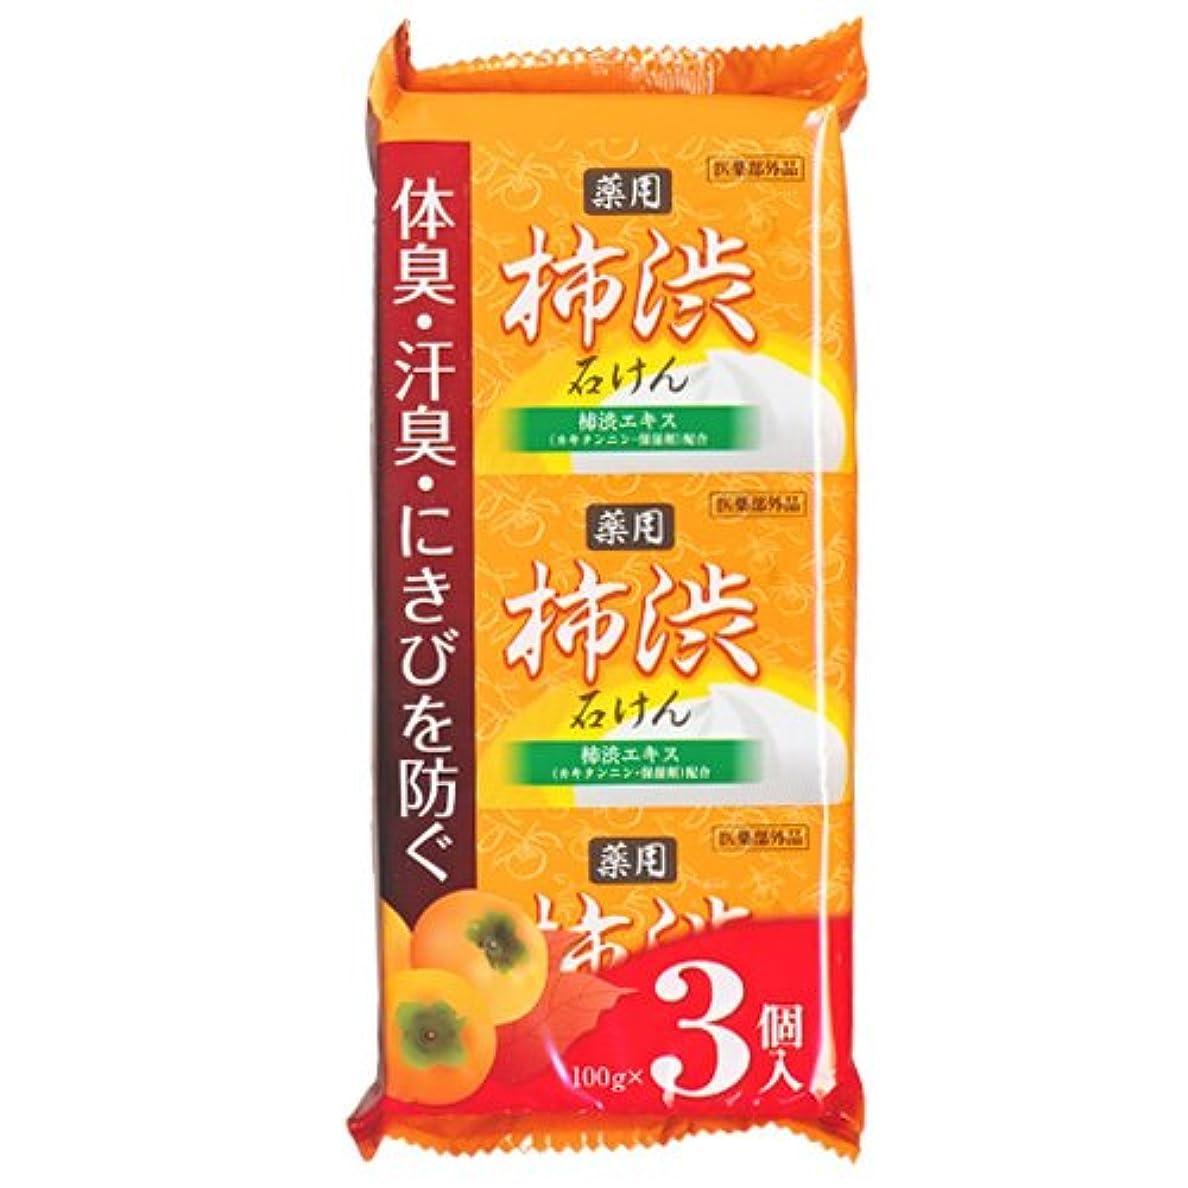 猛烈なスラック検証柿渋石鹸 100g×3個入 柿渋エキス カキタンニン?保湿剤配合